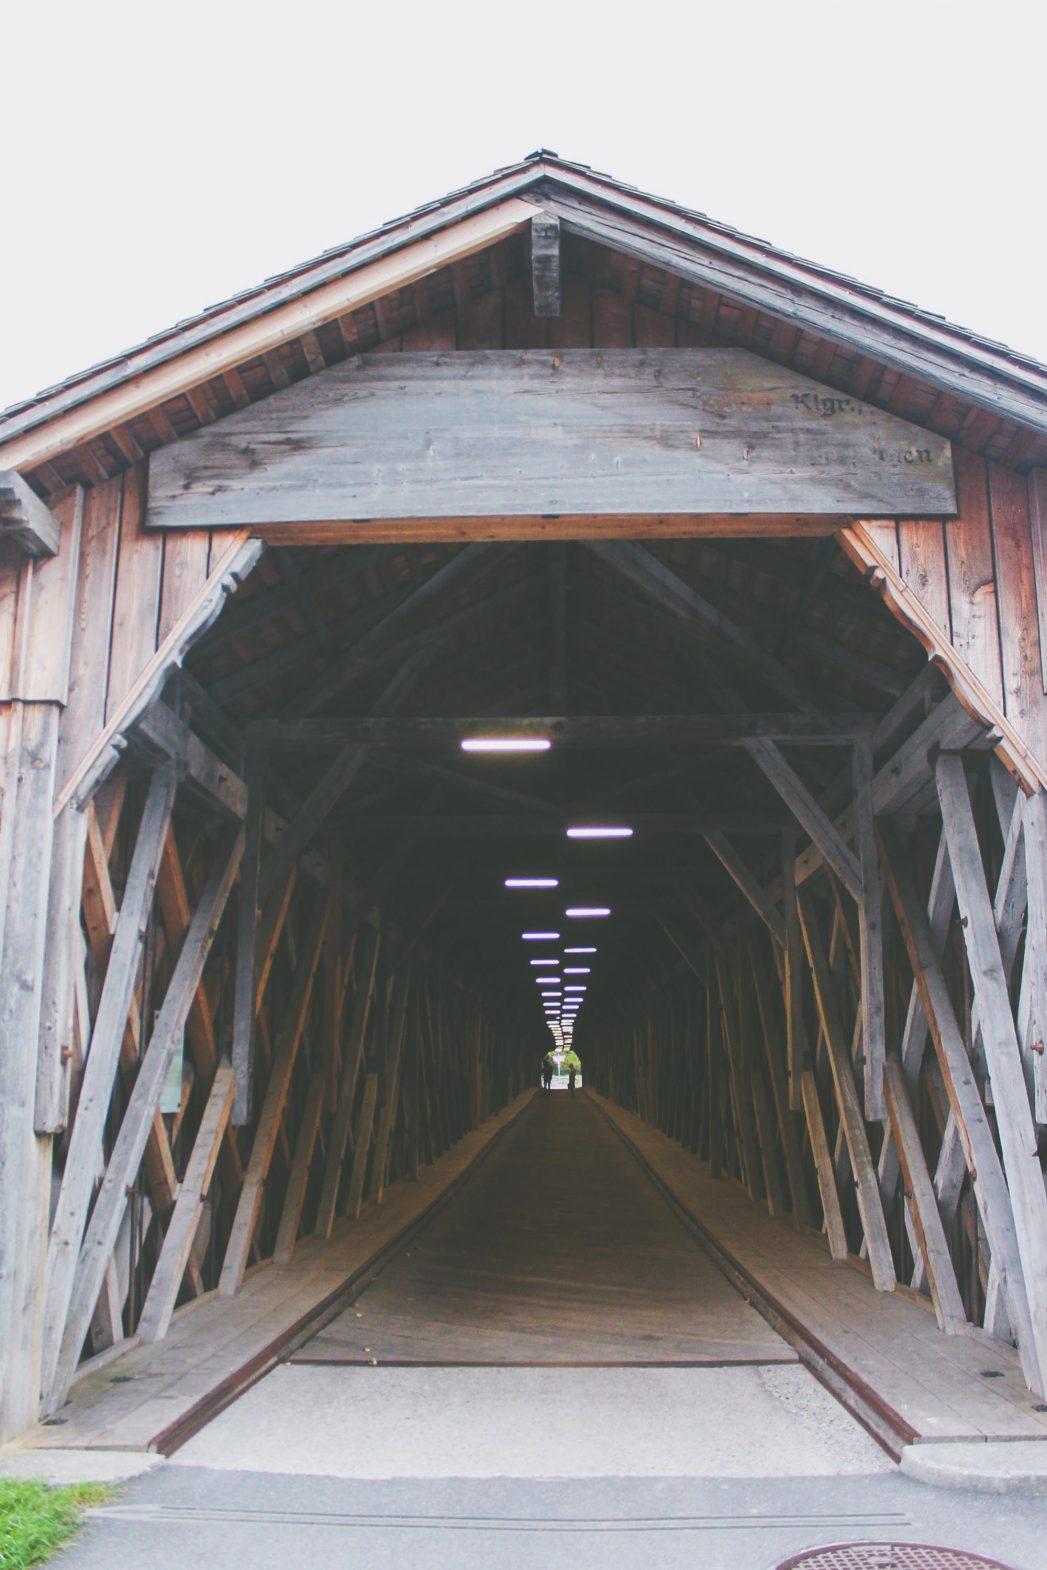 The Vaduz-Sevelen bridge is the only remaining wooden bridge between Liechtenstein and Switzerland.